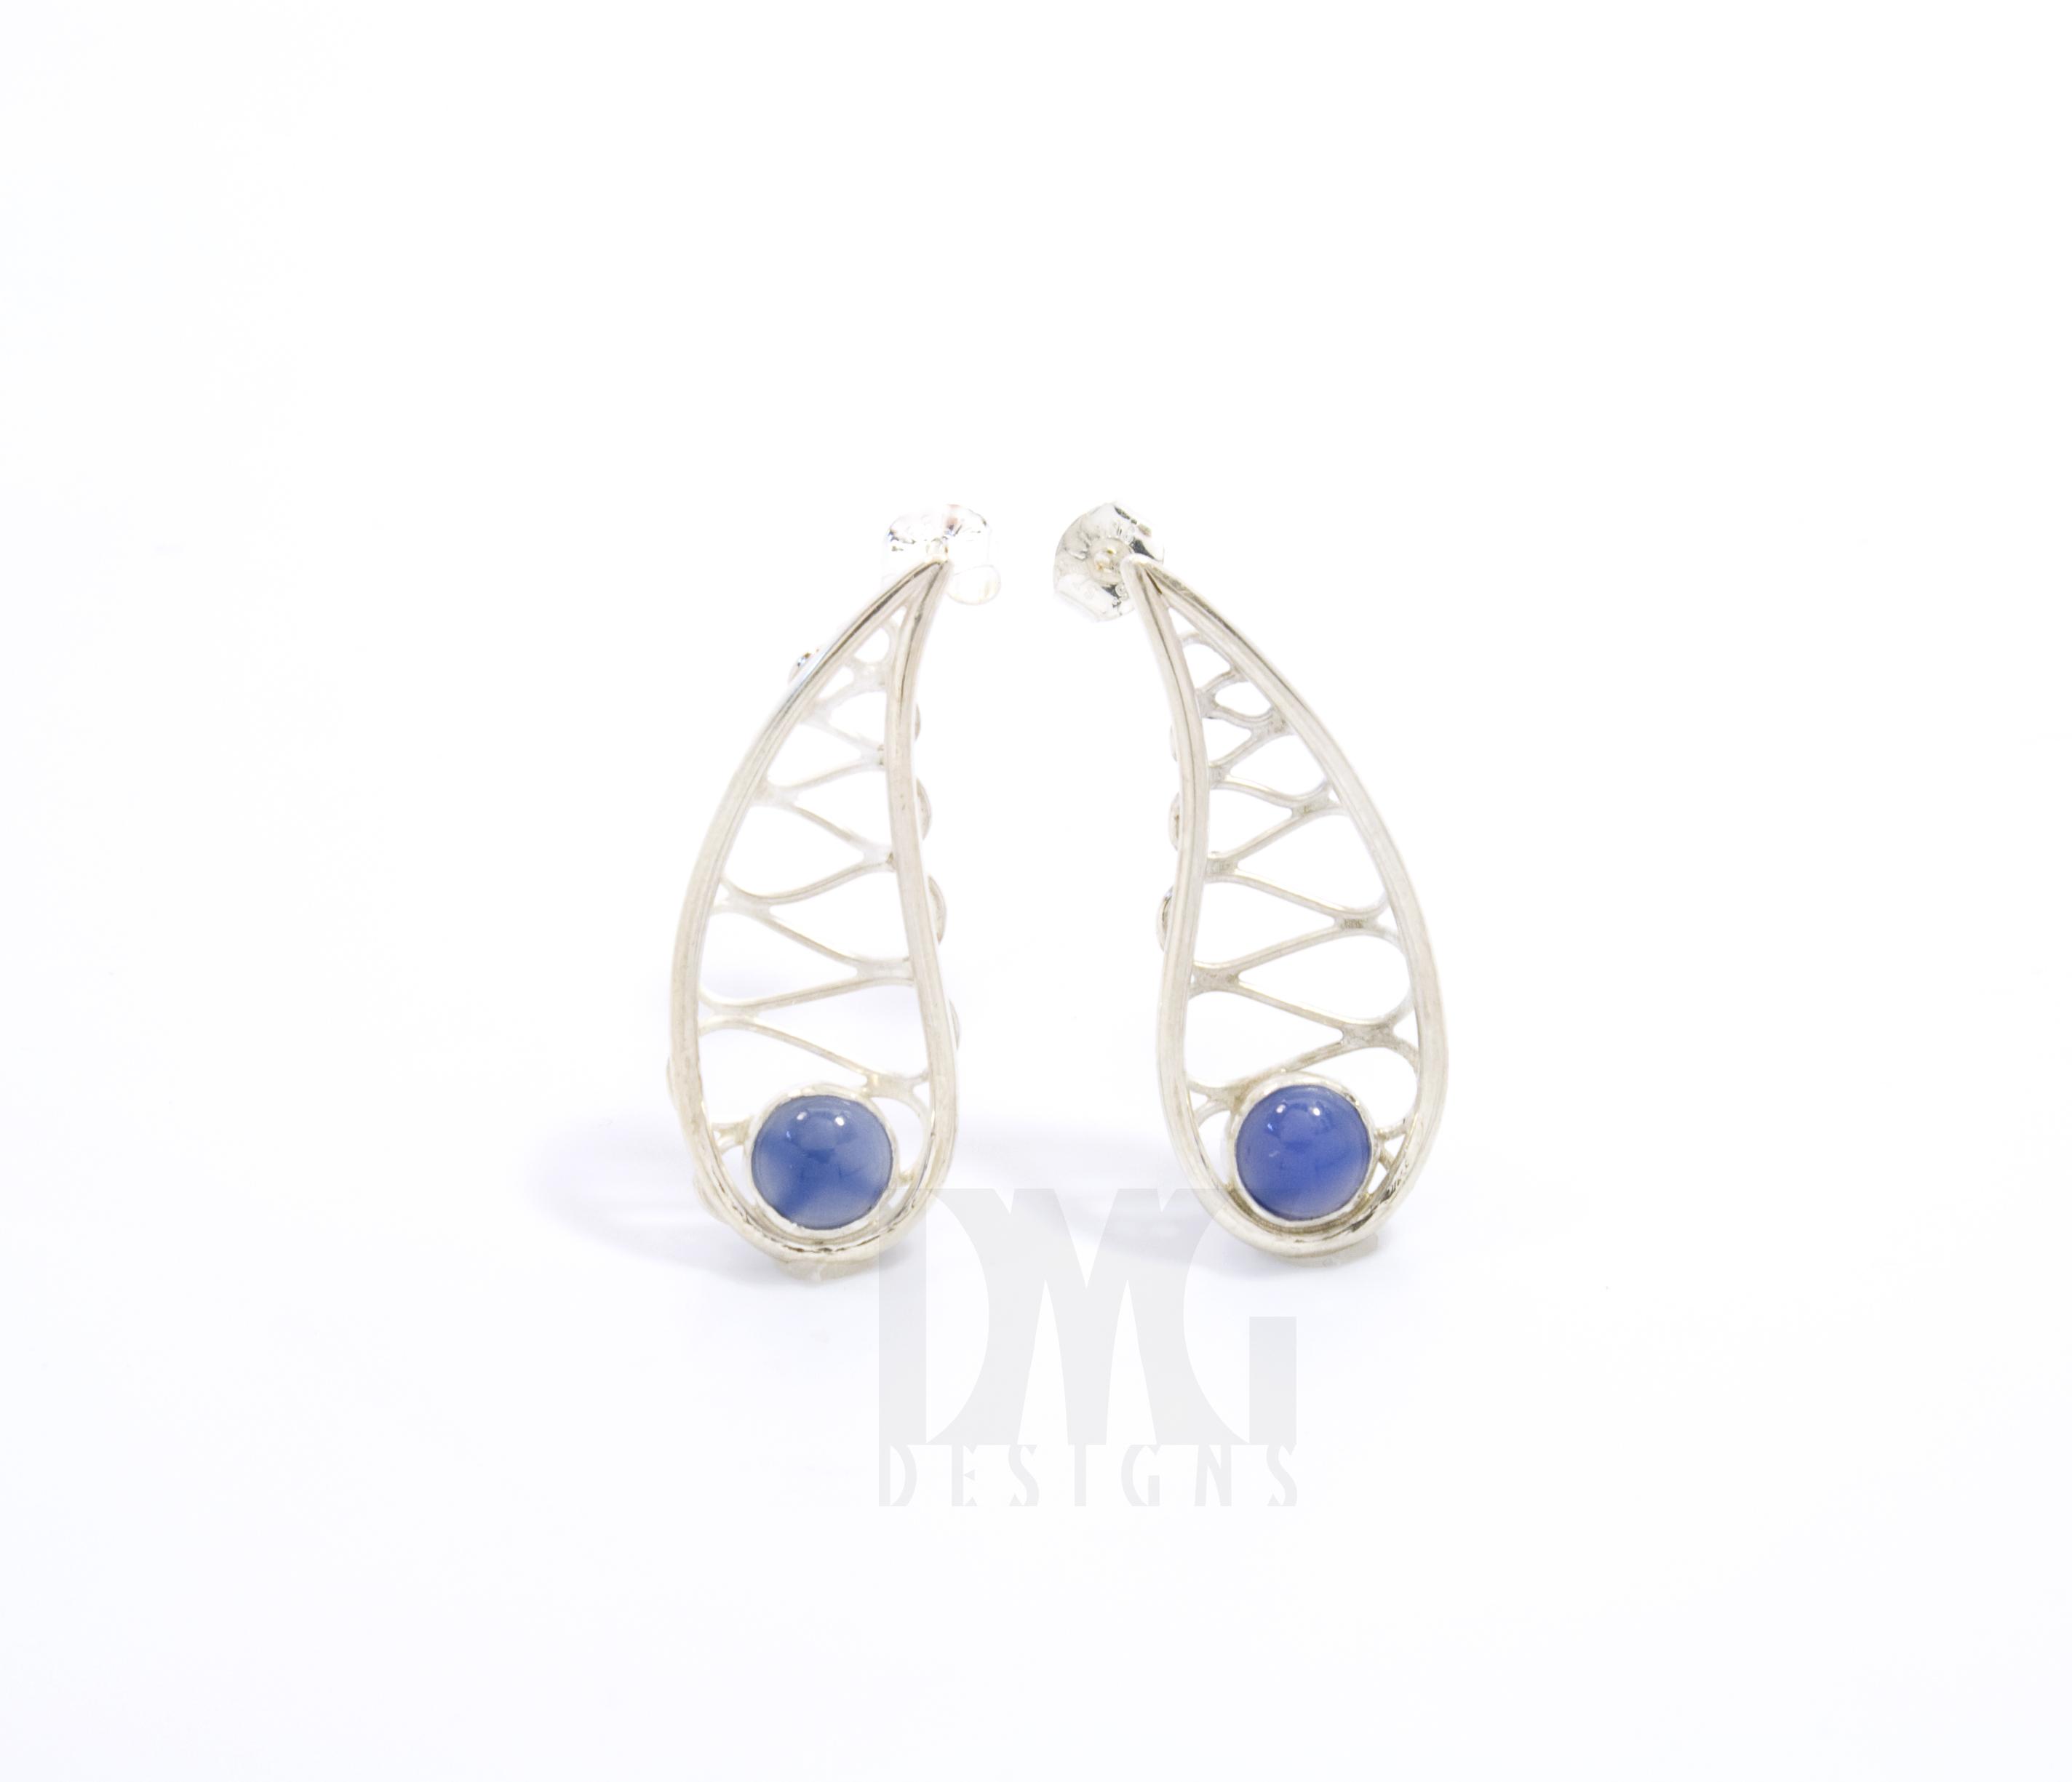 Blue onyx Gesture Leaf wirework earrings